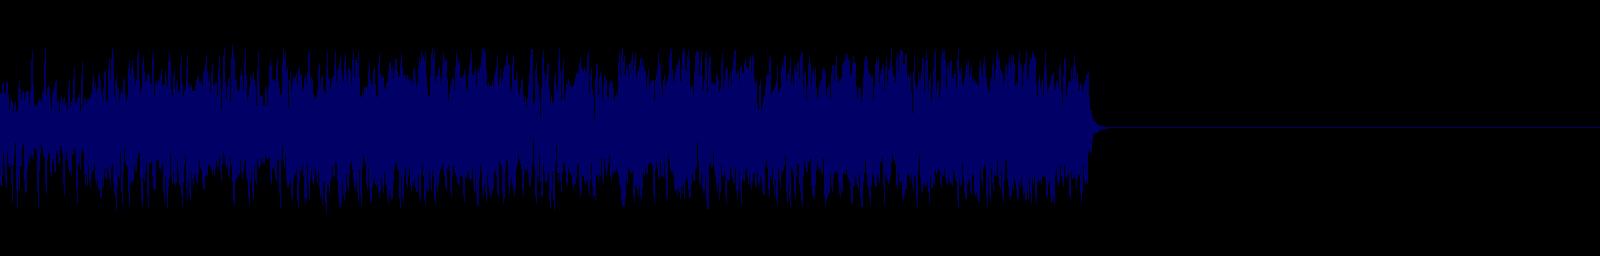 waveform of track #128719